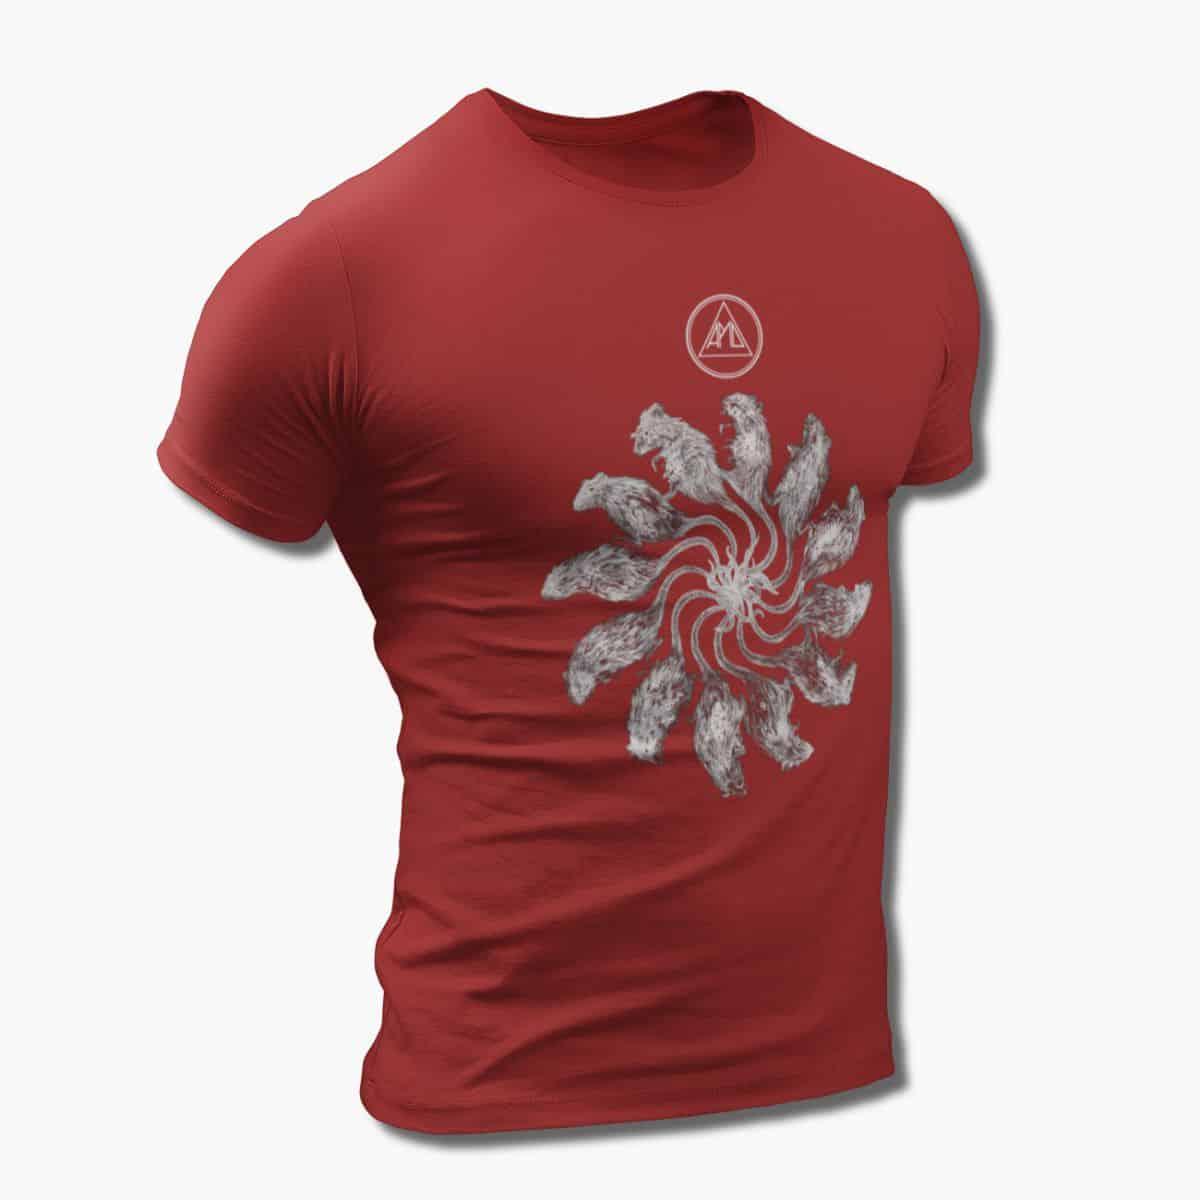 hardcore band shirt